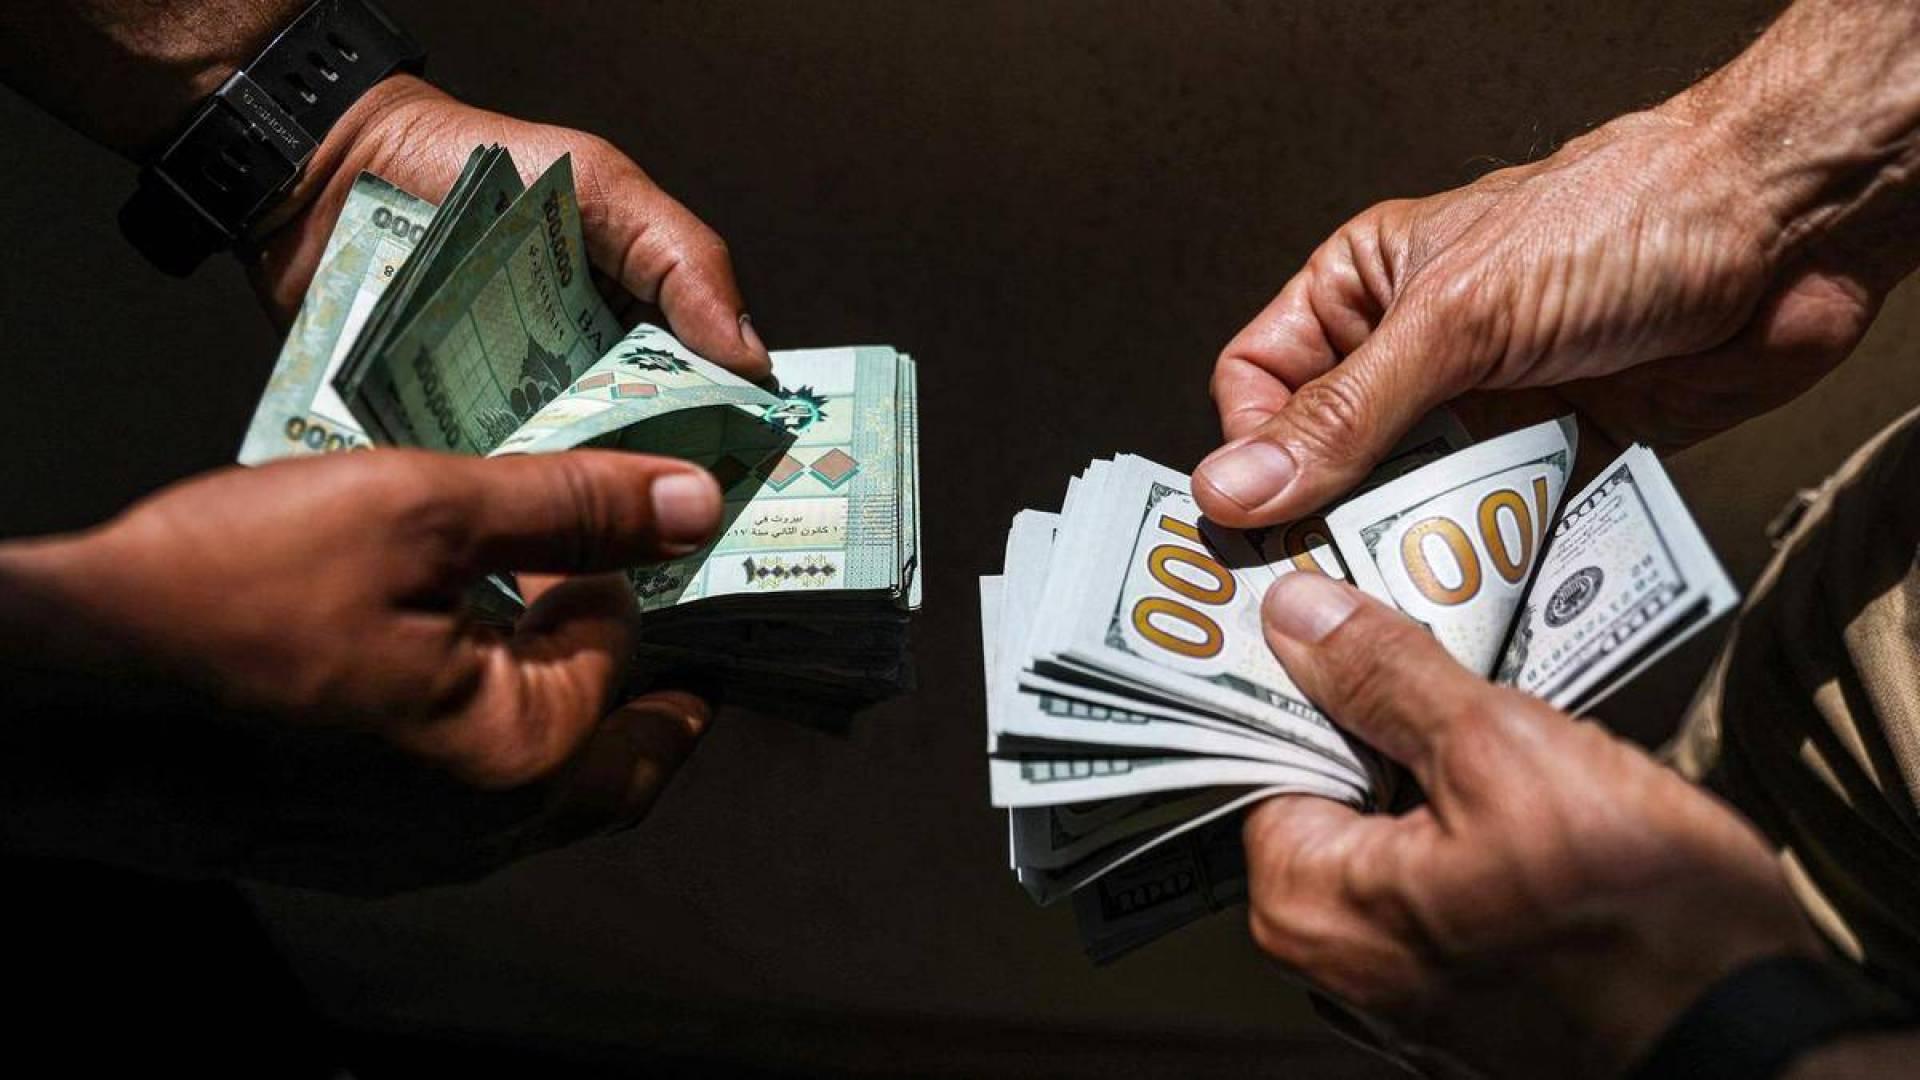 إليكم سعر الدولار في لبنان اليوم السبت 21-11-2020 وحبير ...